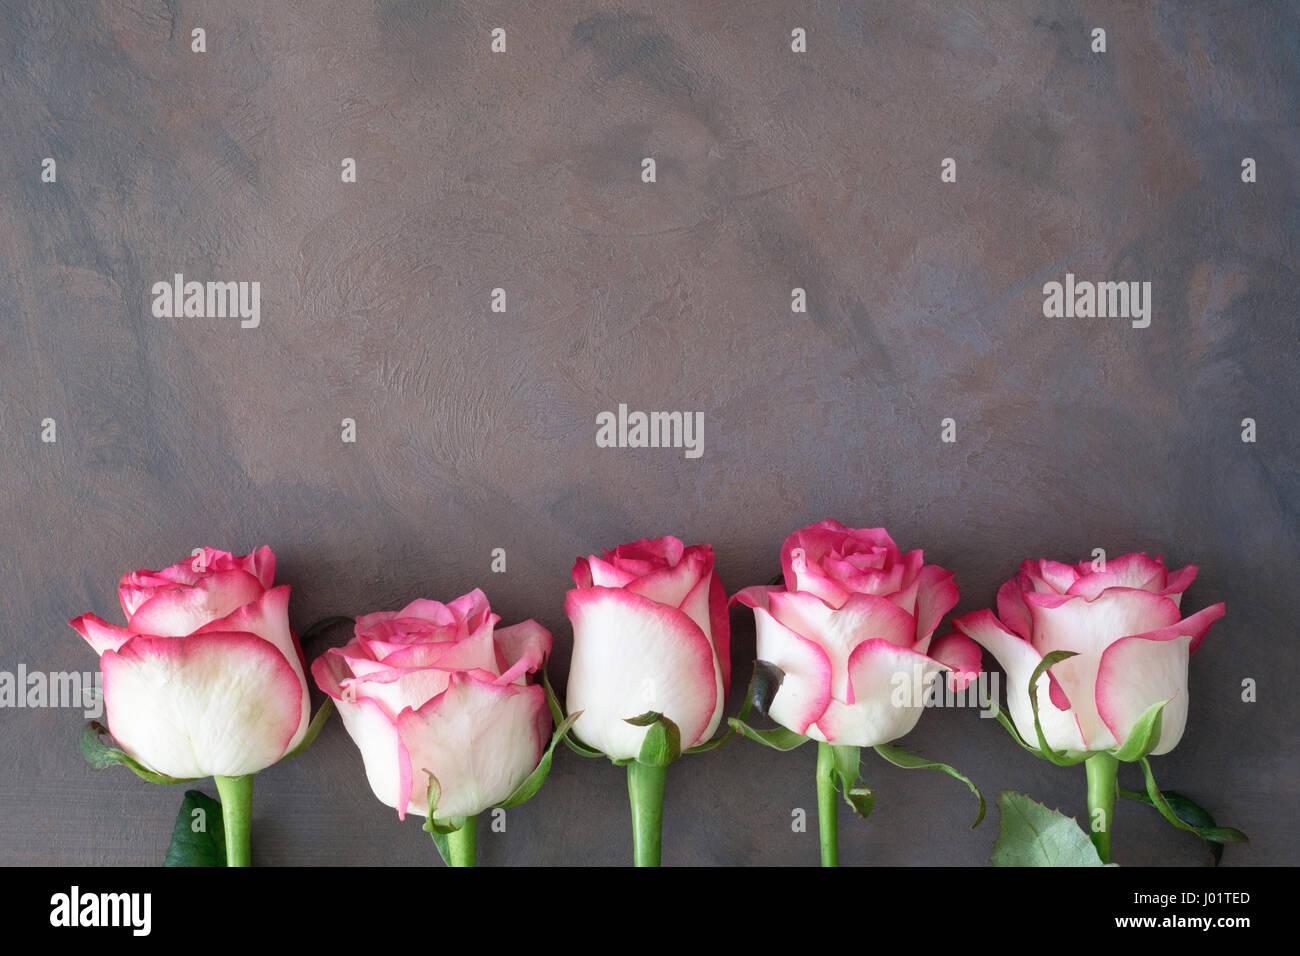 Rahmen mit rosa Rosen. Rosa Rosen-Hintergrund. Mütter Tag ...